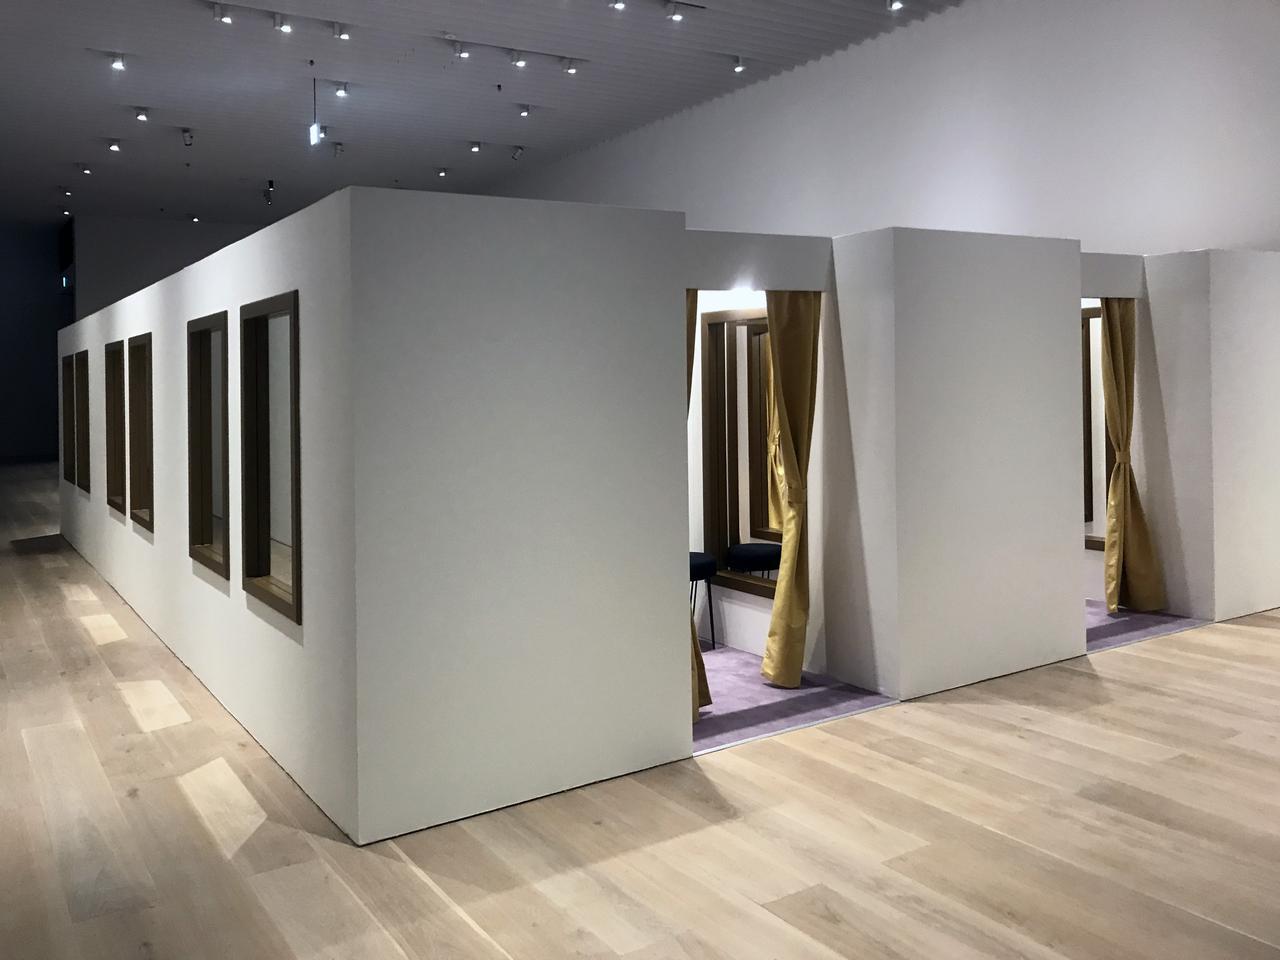 画像: 《試着室》 Changing Rooms 2008 パネル、フレーム、鏡、スツール、カーテン、照明 Panel, frame, mirror, stool, curtain, light サイズ可変| Dimensions variable Courtesy: Luciana Brito Galeria photo©cinefil:ms